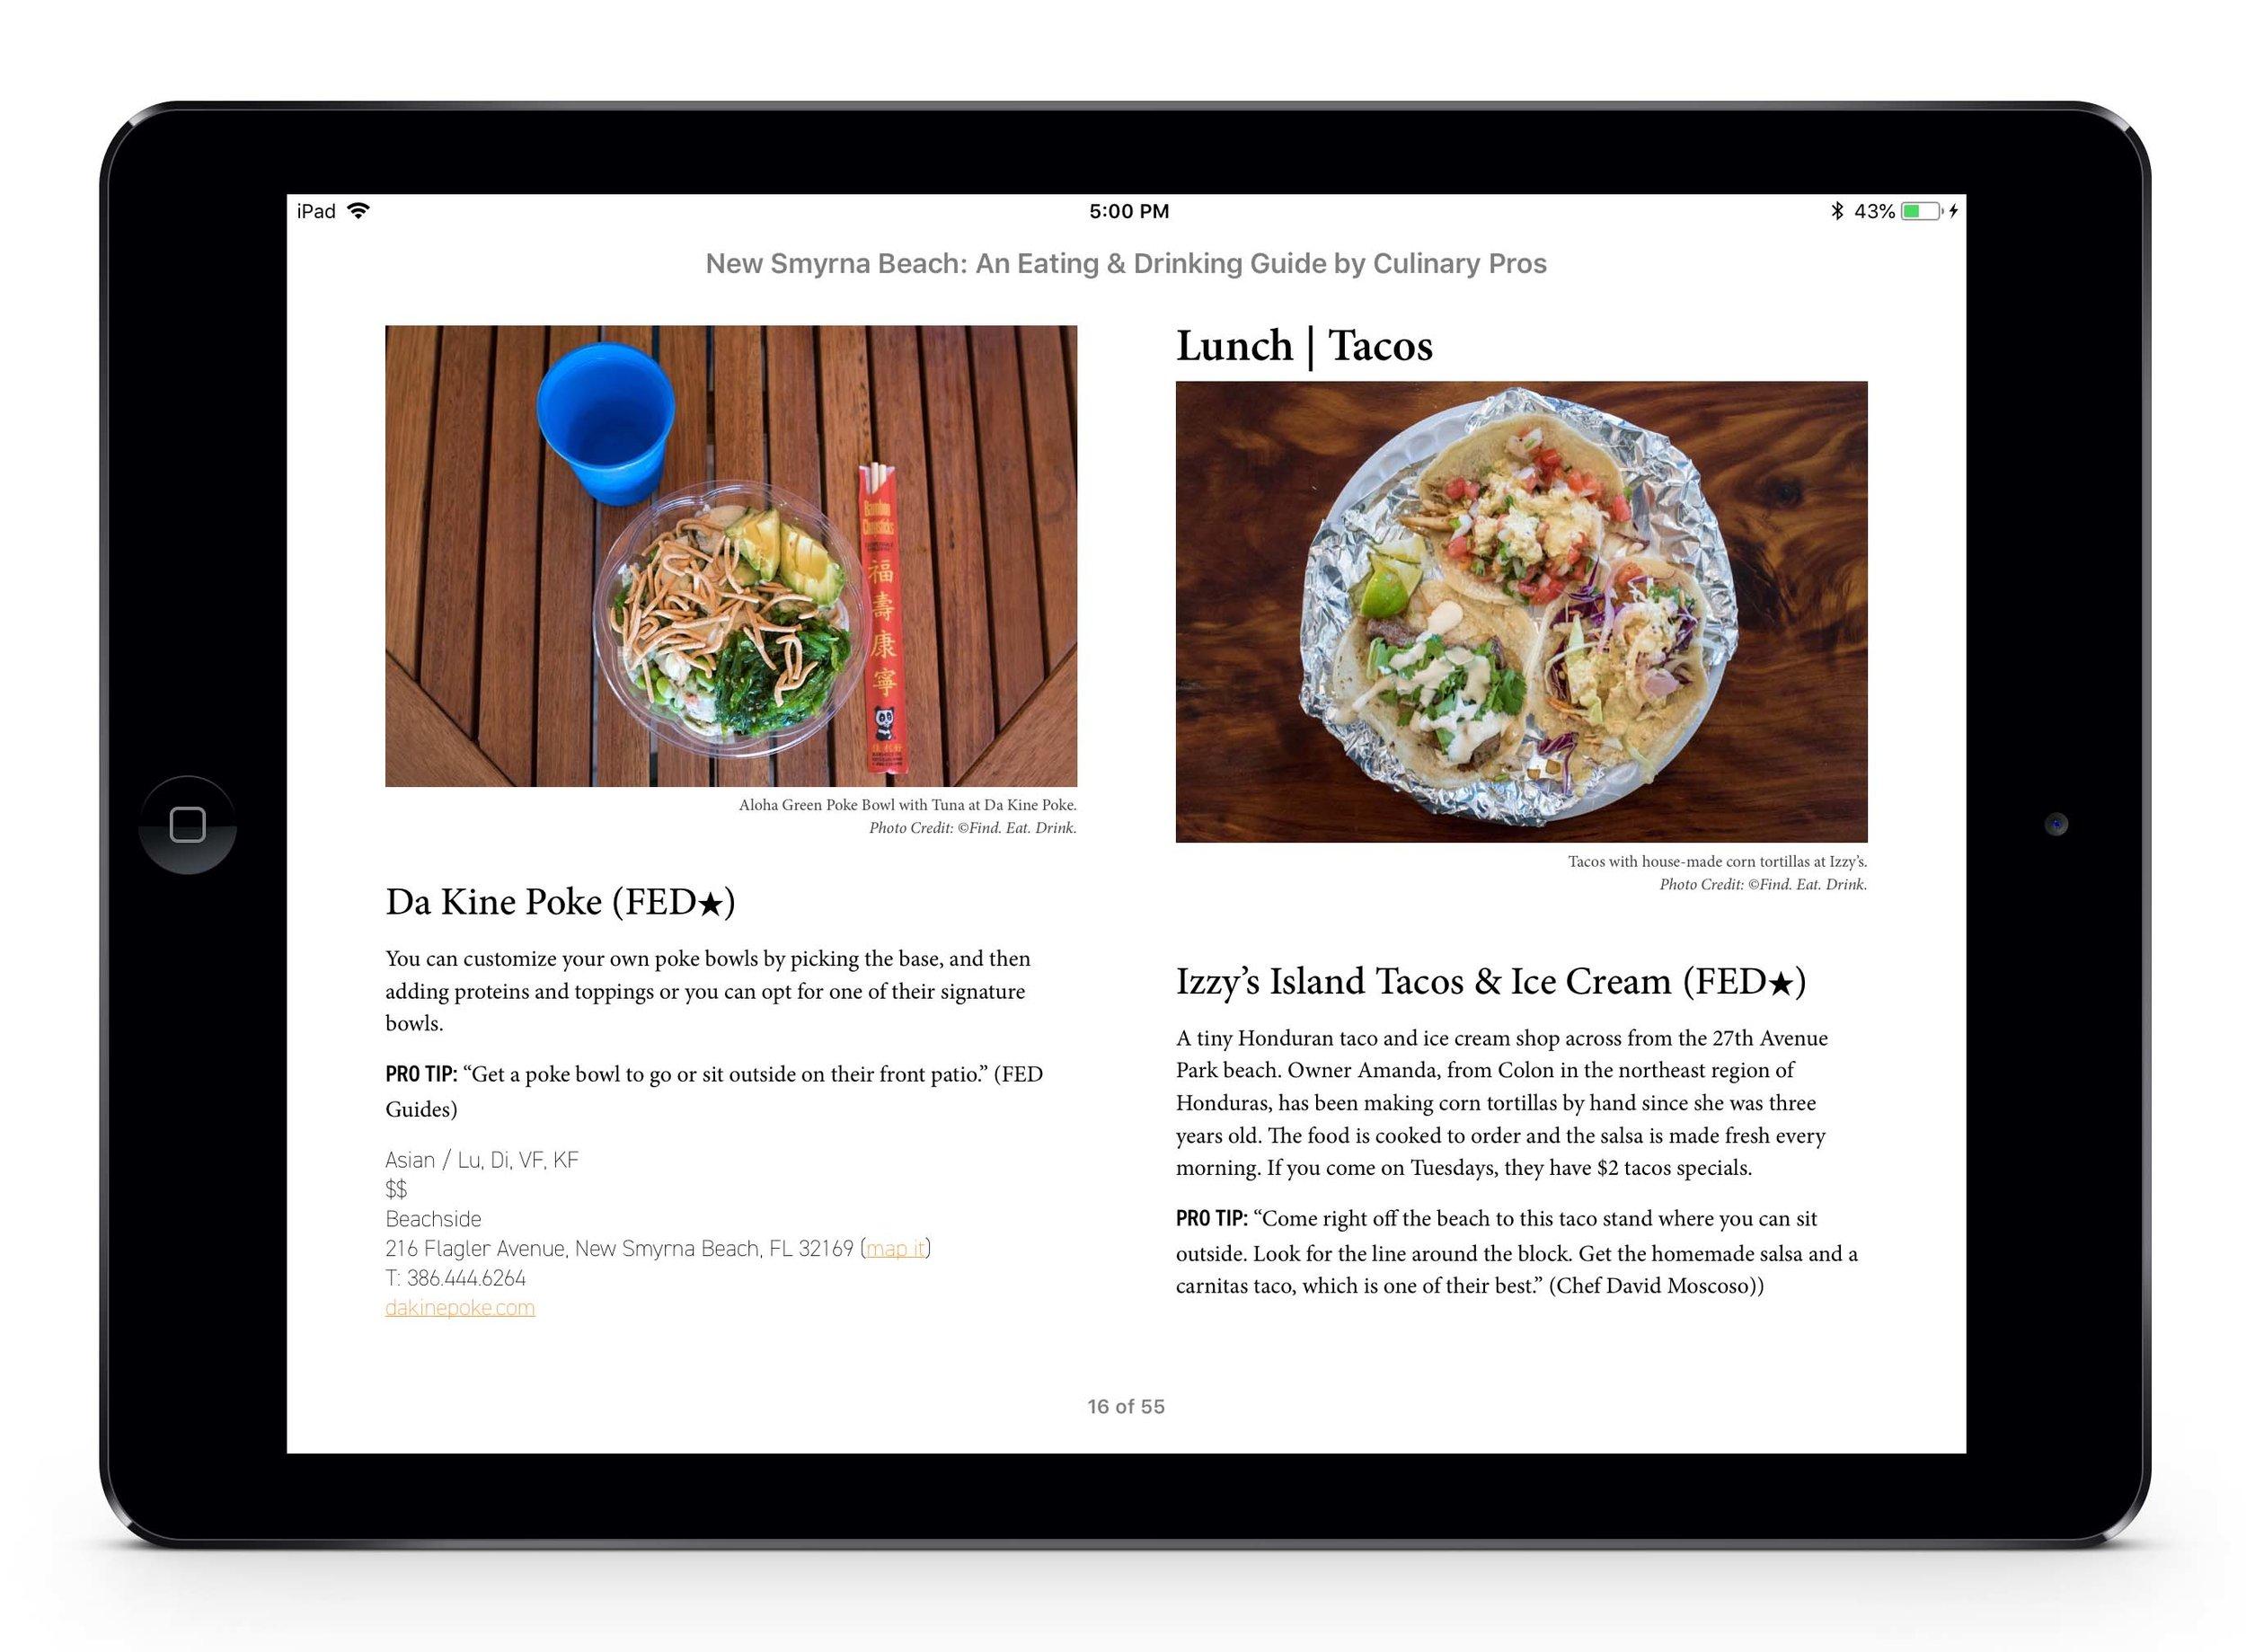 iPadAir_NSB_Screenshots_1.8.jpg